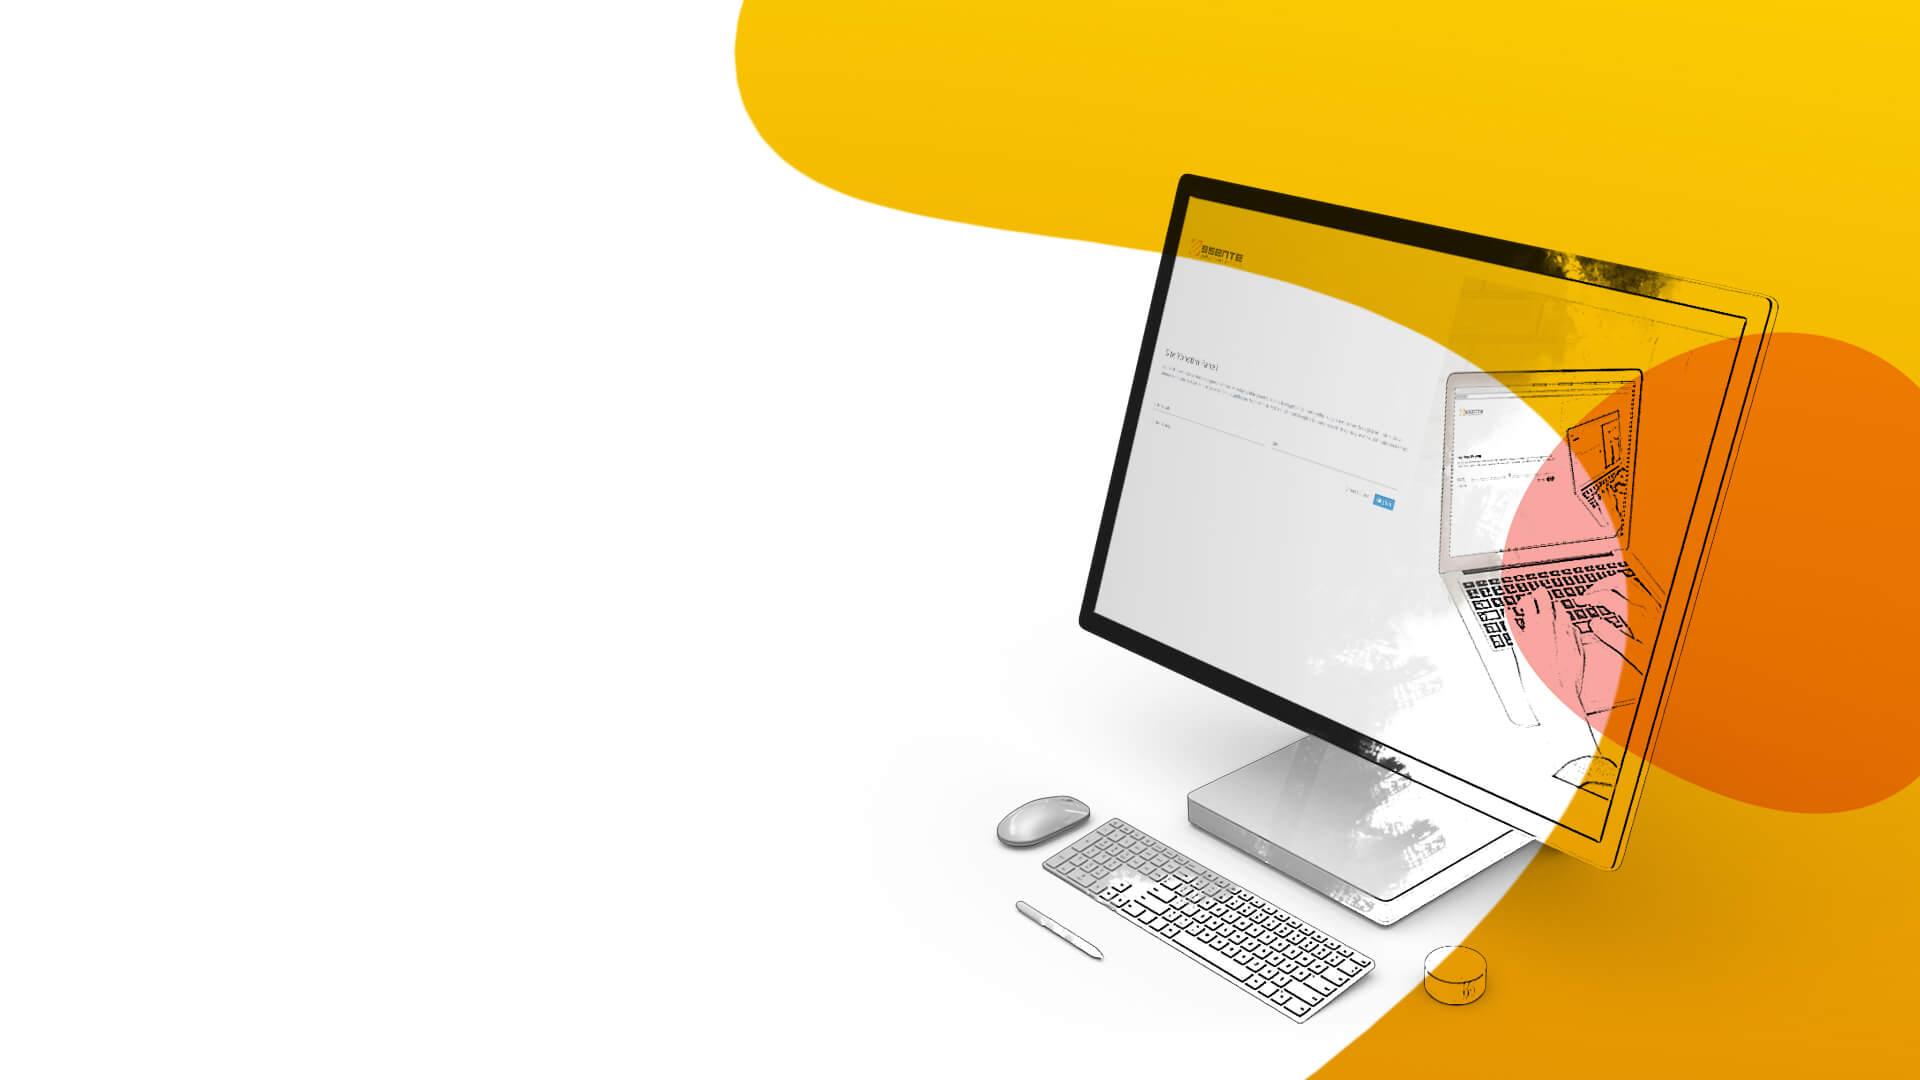 Essente Bilişim | İnternet Teknoloji Hizmetleri - kocaeli web tasarım